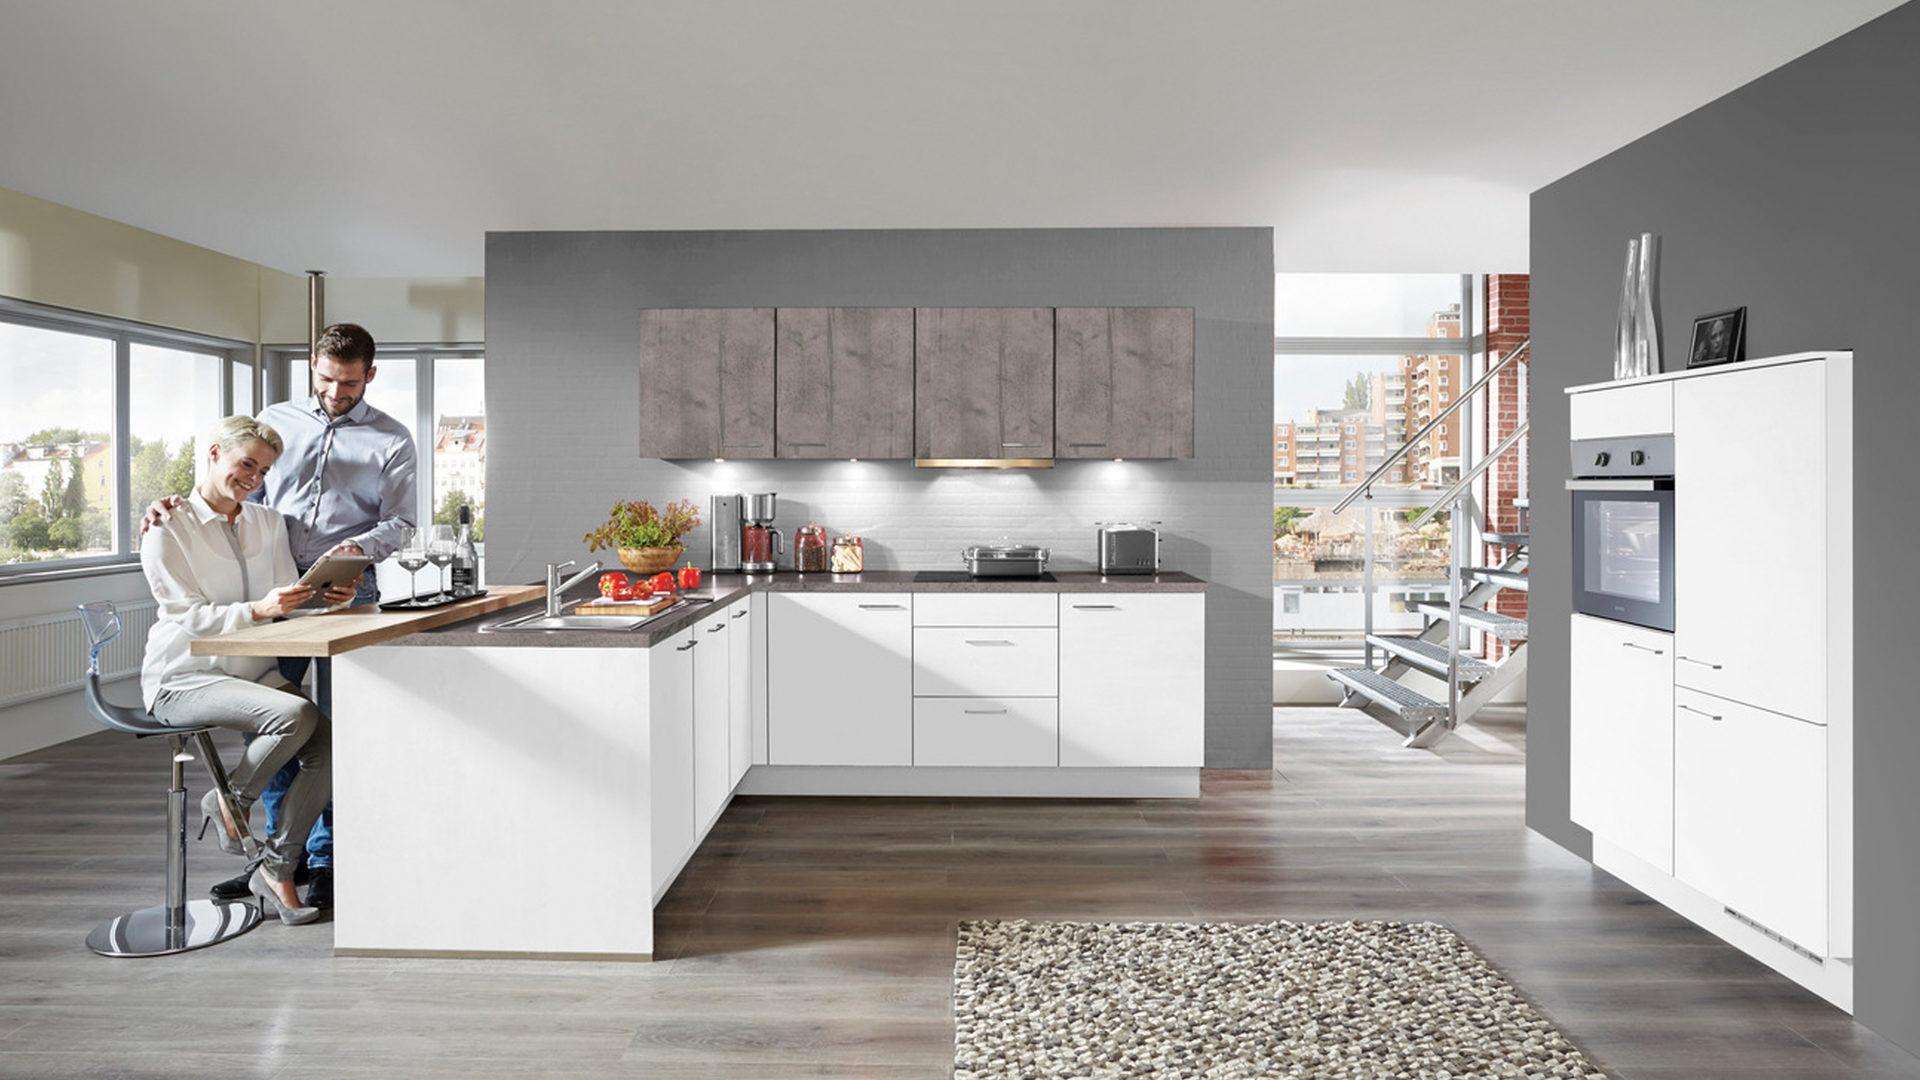 Einbauküche Mit Gorenje Elektrogeräten Wie Kühlschrank Weiße Beton Schiefergraue Kunststoffoberflächen